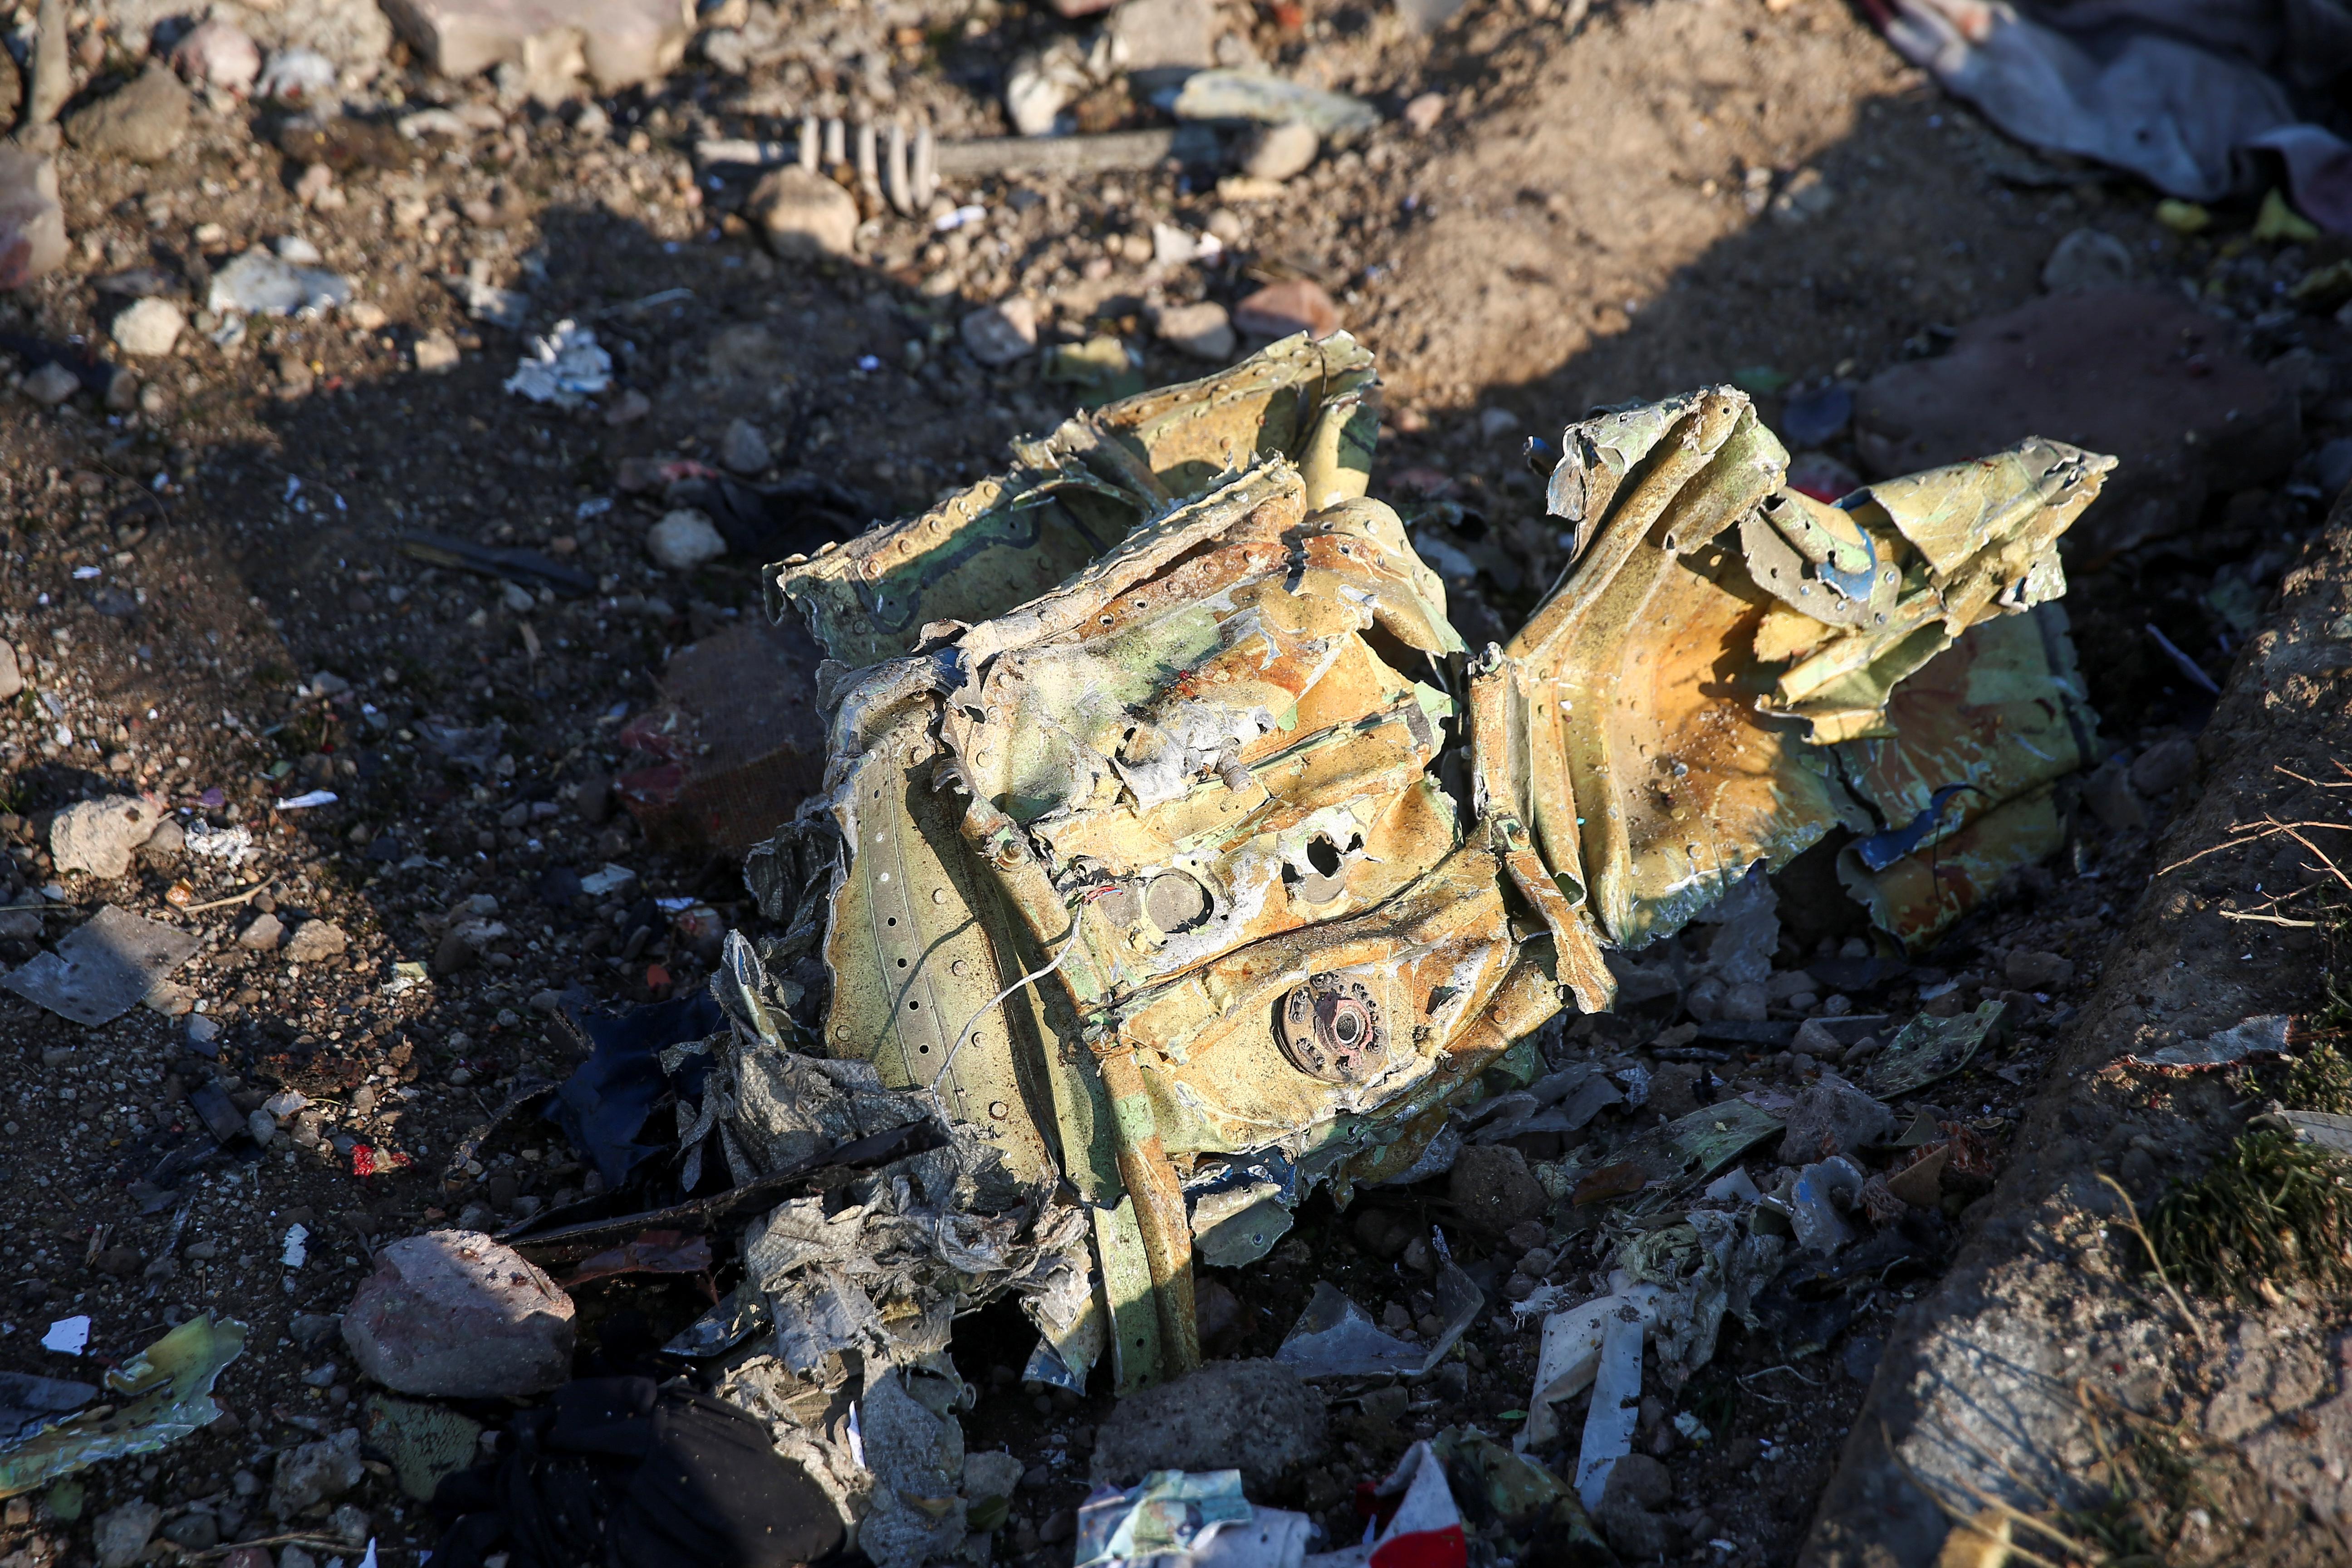 Restos del avión ucraniano que cayó en Teherán (REUTERS)